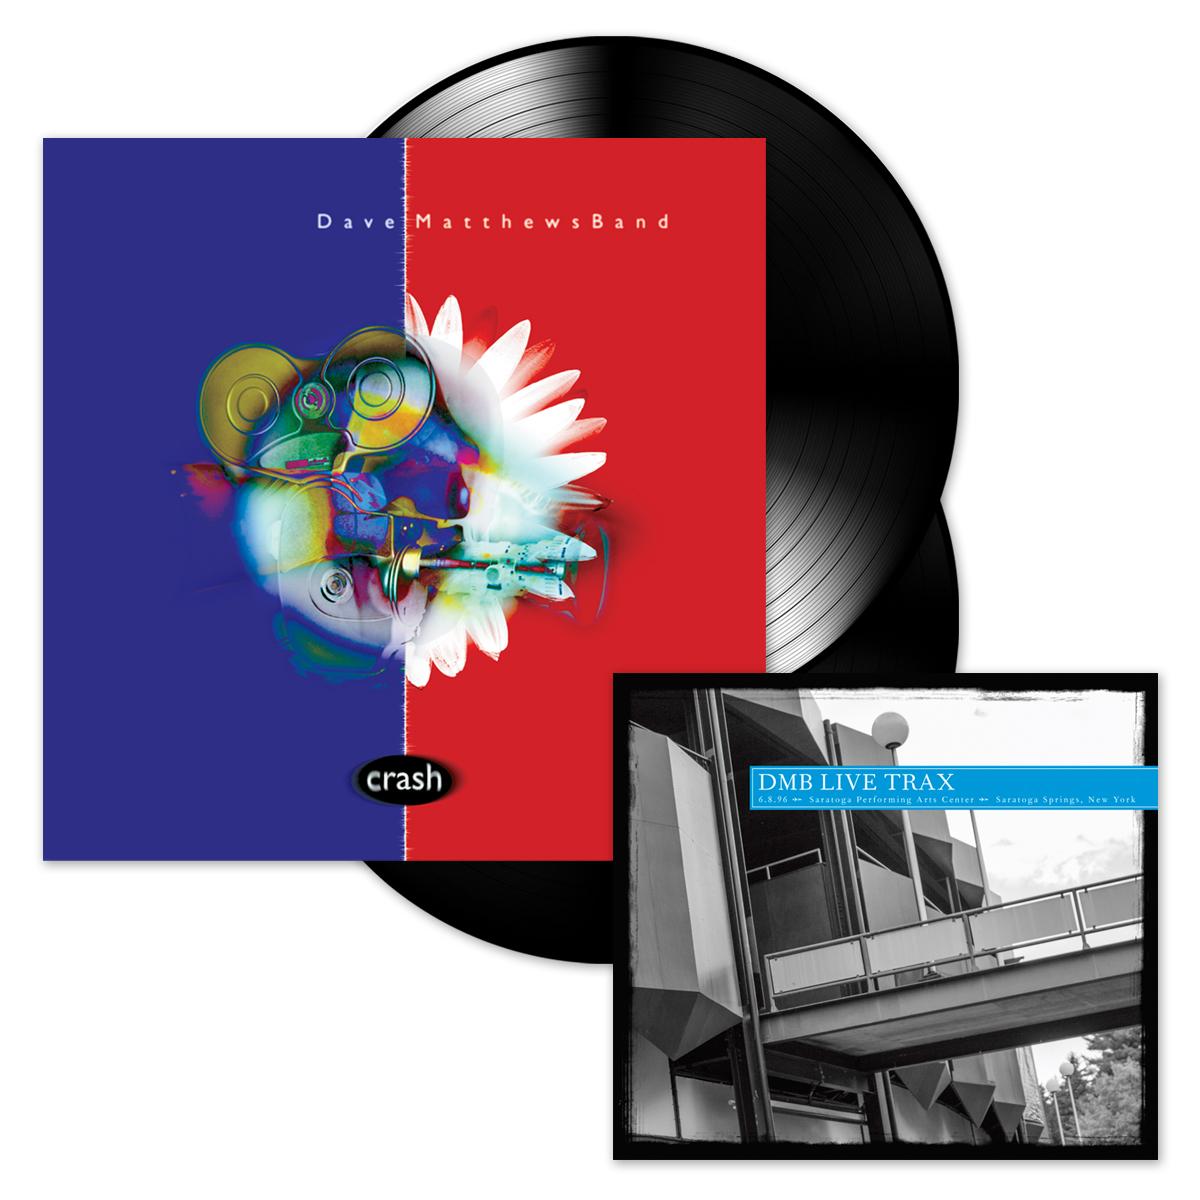 Crash 2-LP Vinyl + DMB Live Trax Vol. 38 CD